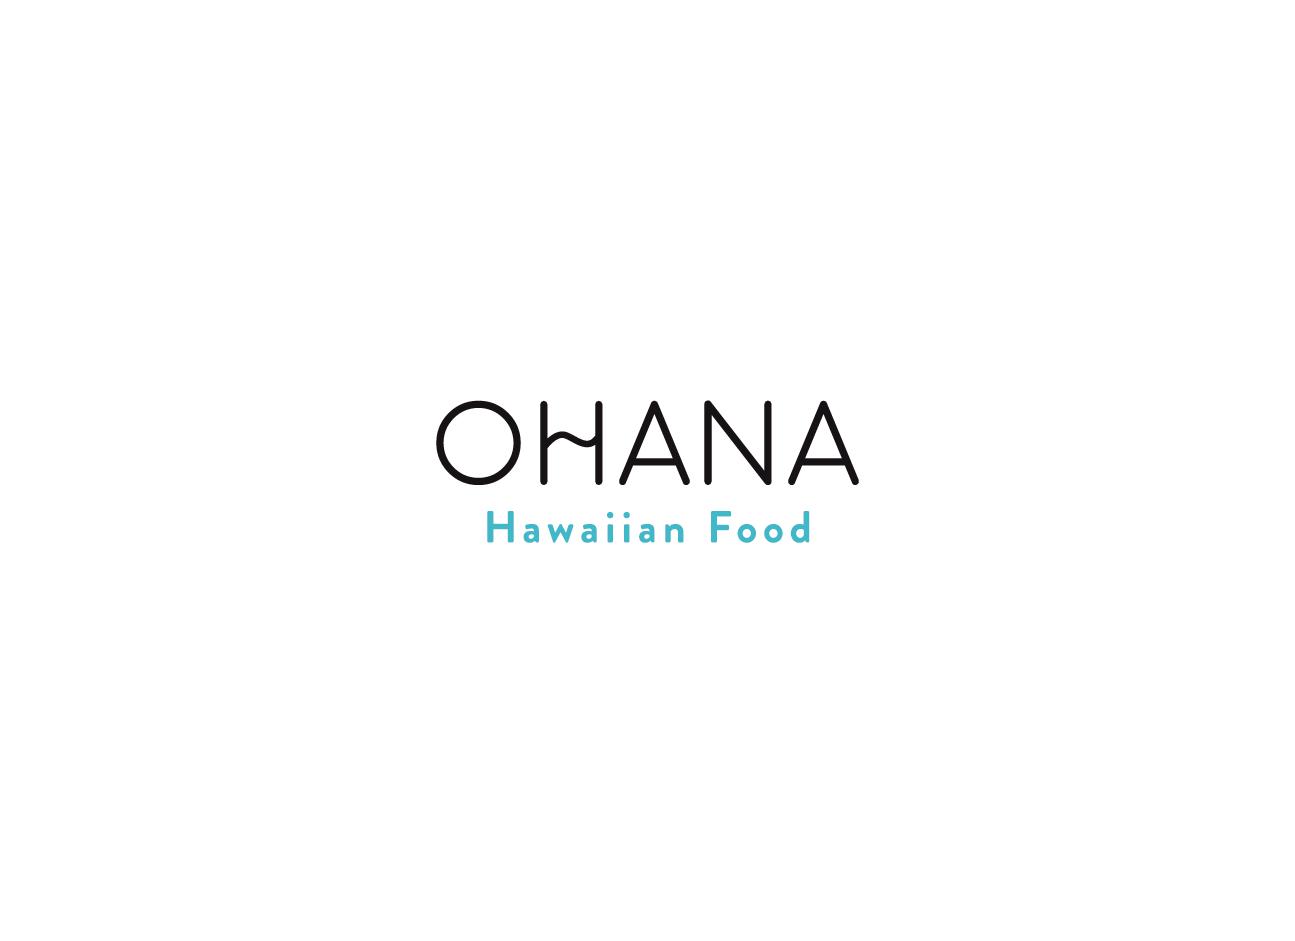 OHANA_hawaiian food.png